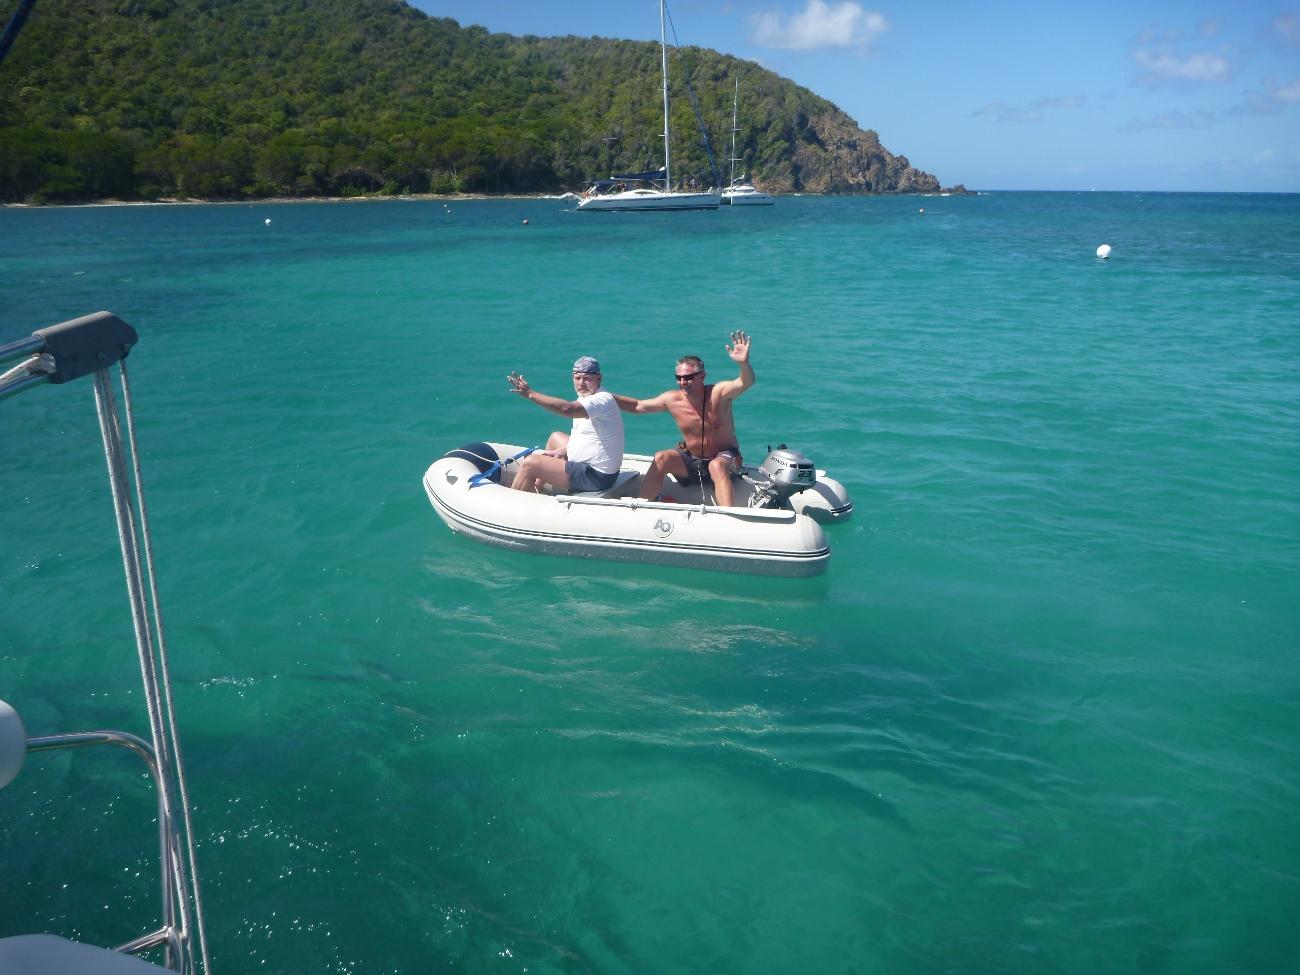 Sjørøvere på Mayrau